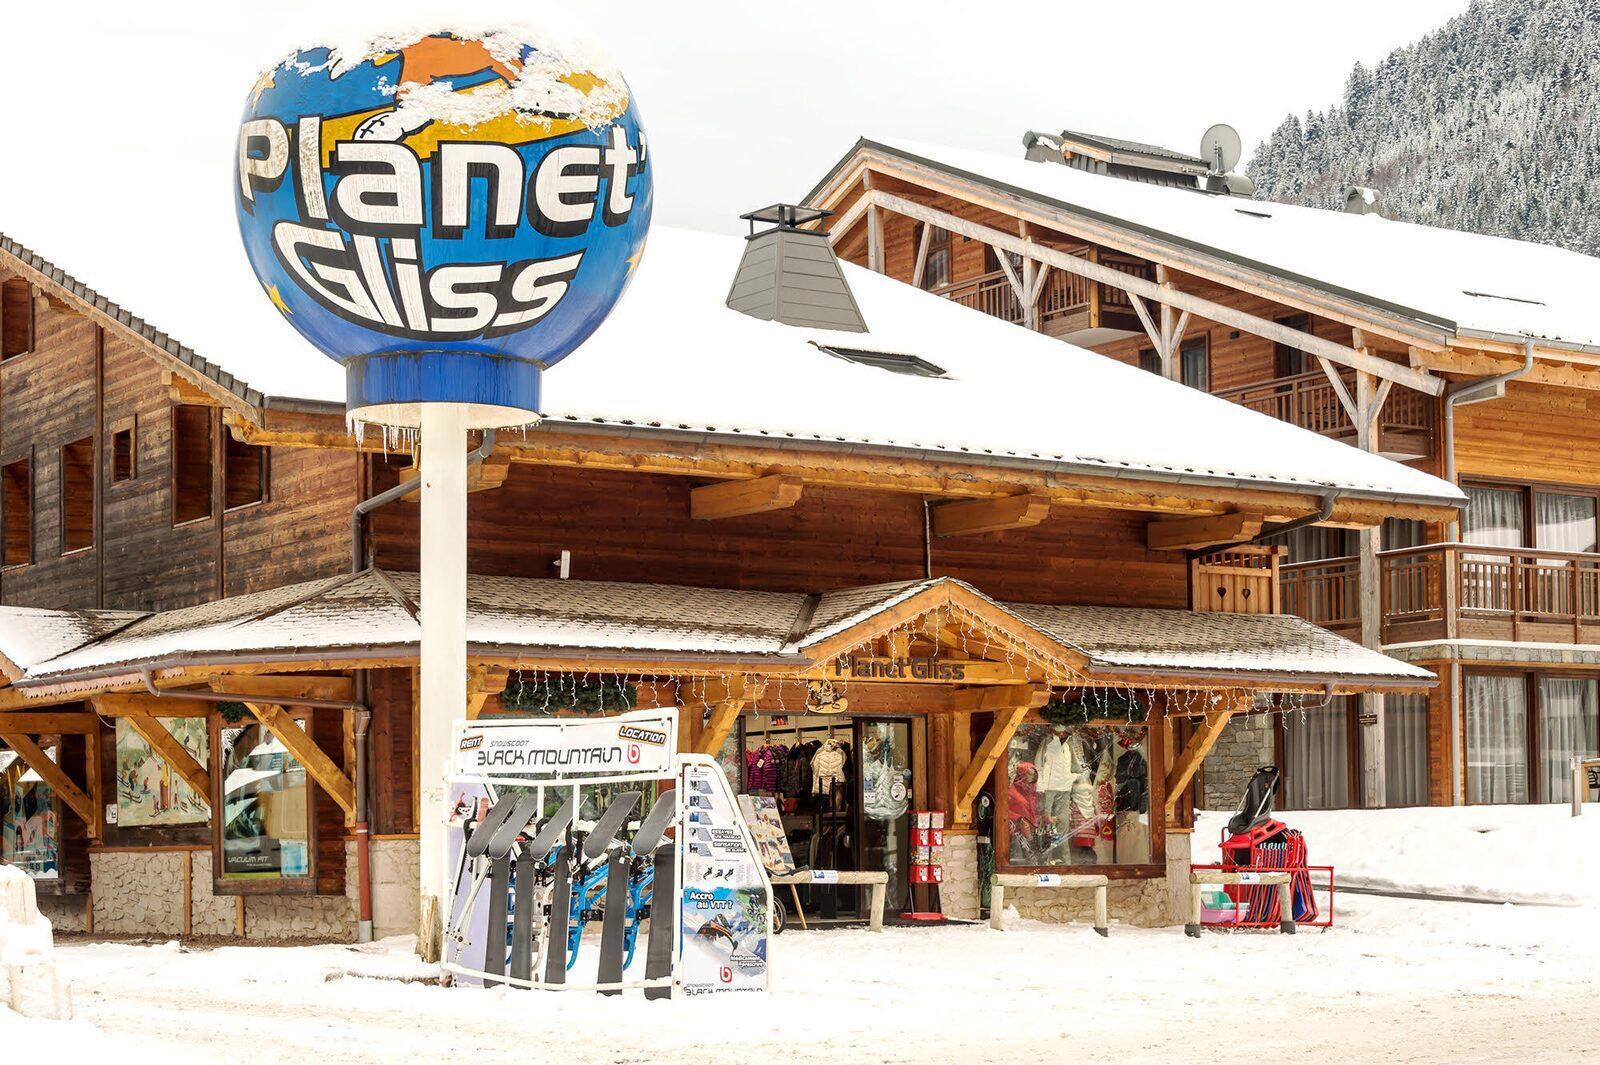 Location de matériel de ski à la Chapelle d'Abondance